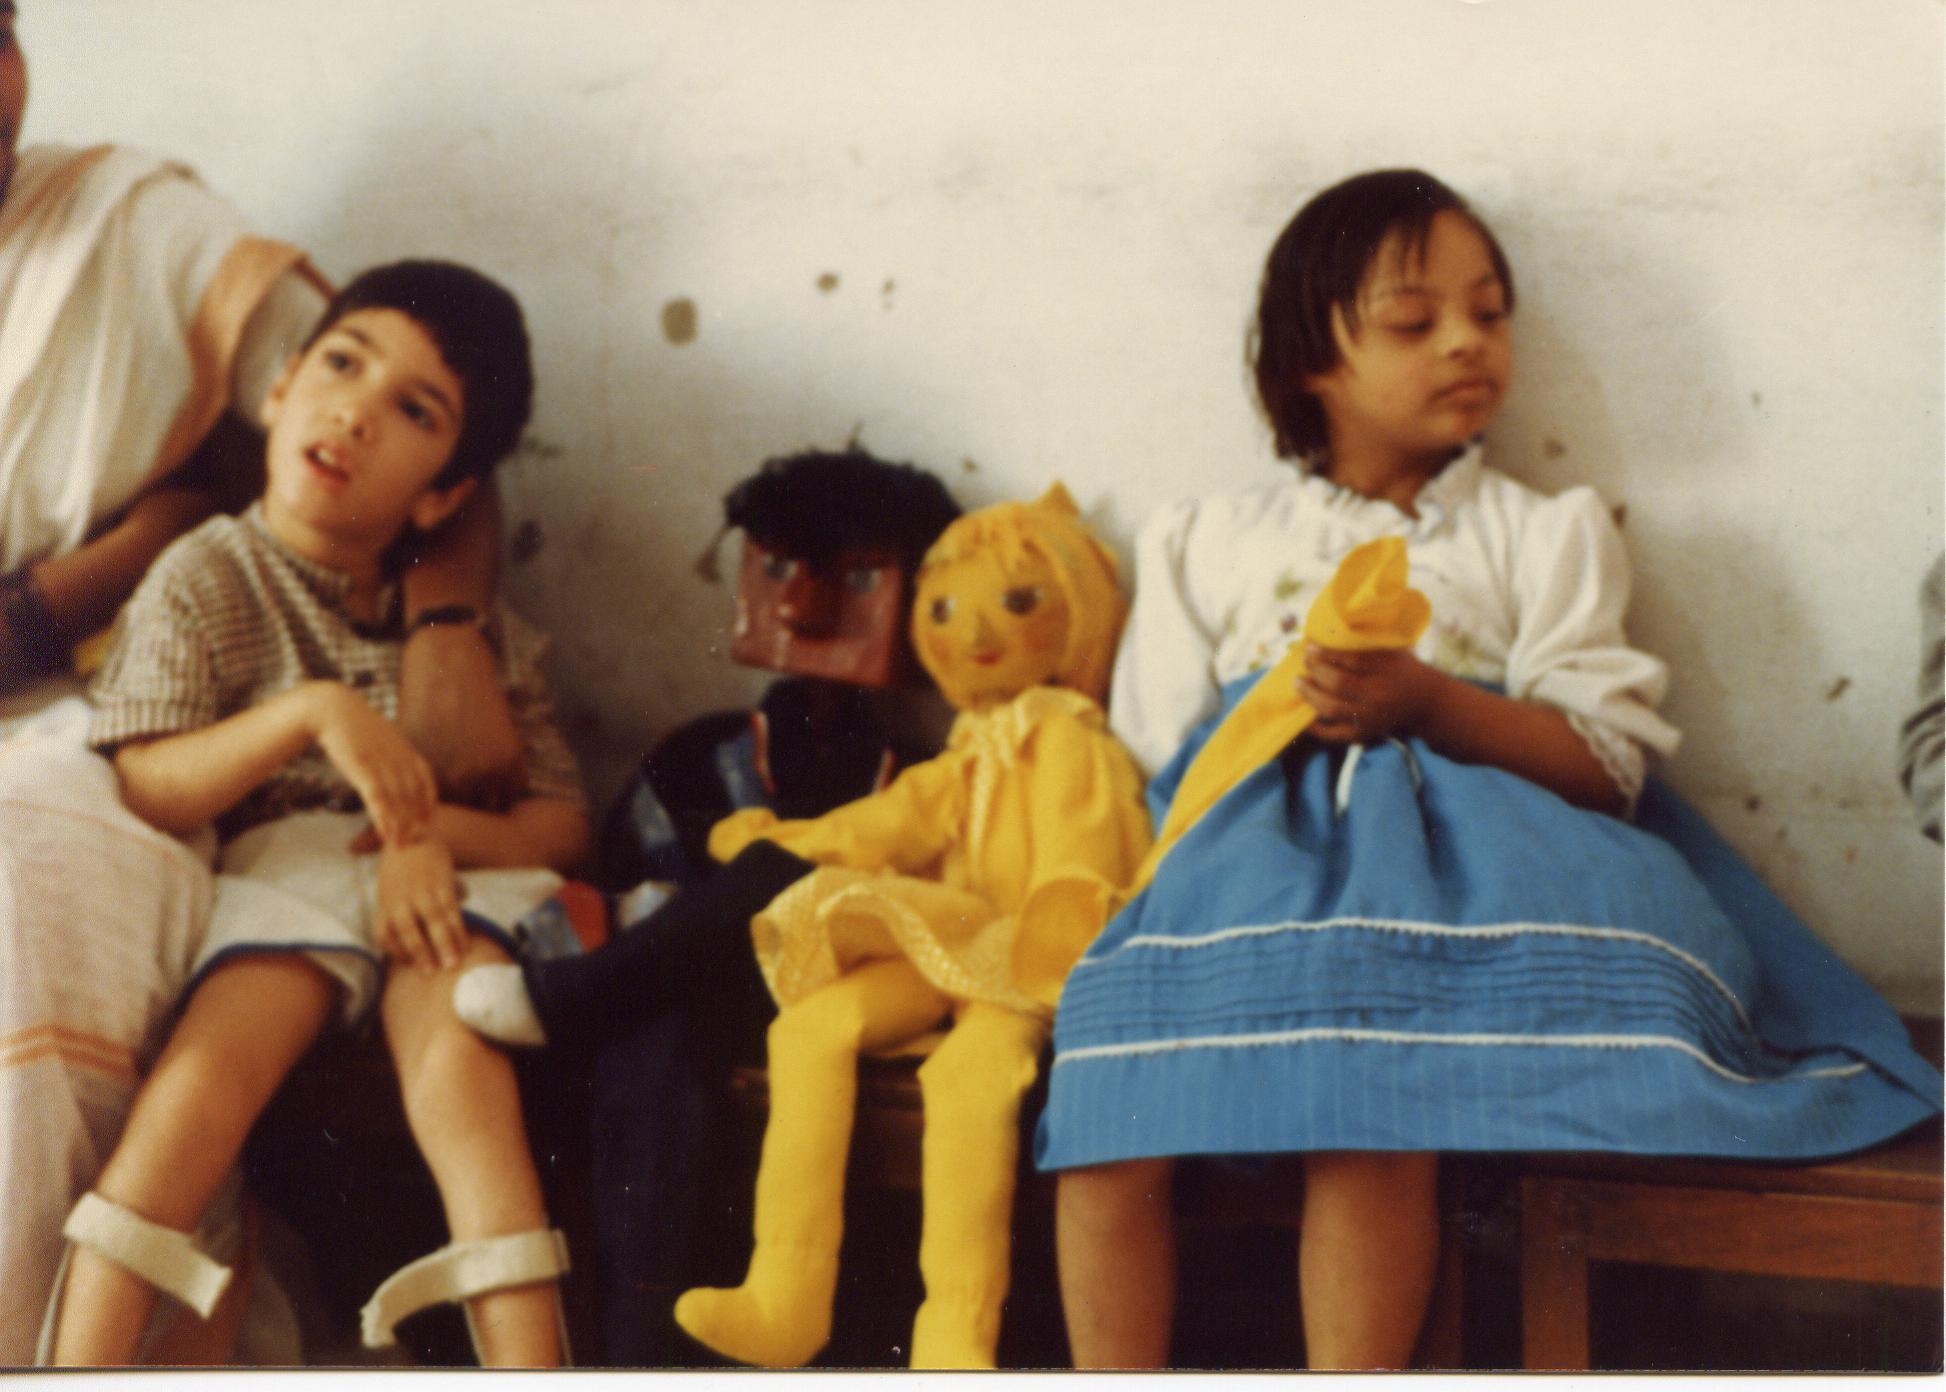 Des enfants dans une garderie pour enfants handicapés (New Delhi, Inde) avec Chowkoo et Pili, deux marionnettes à tiges